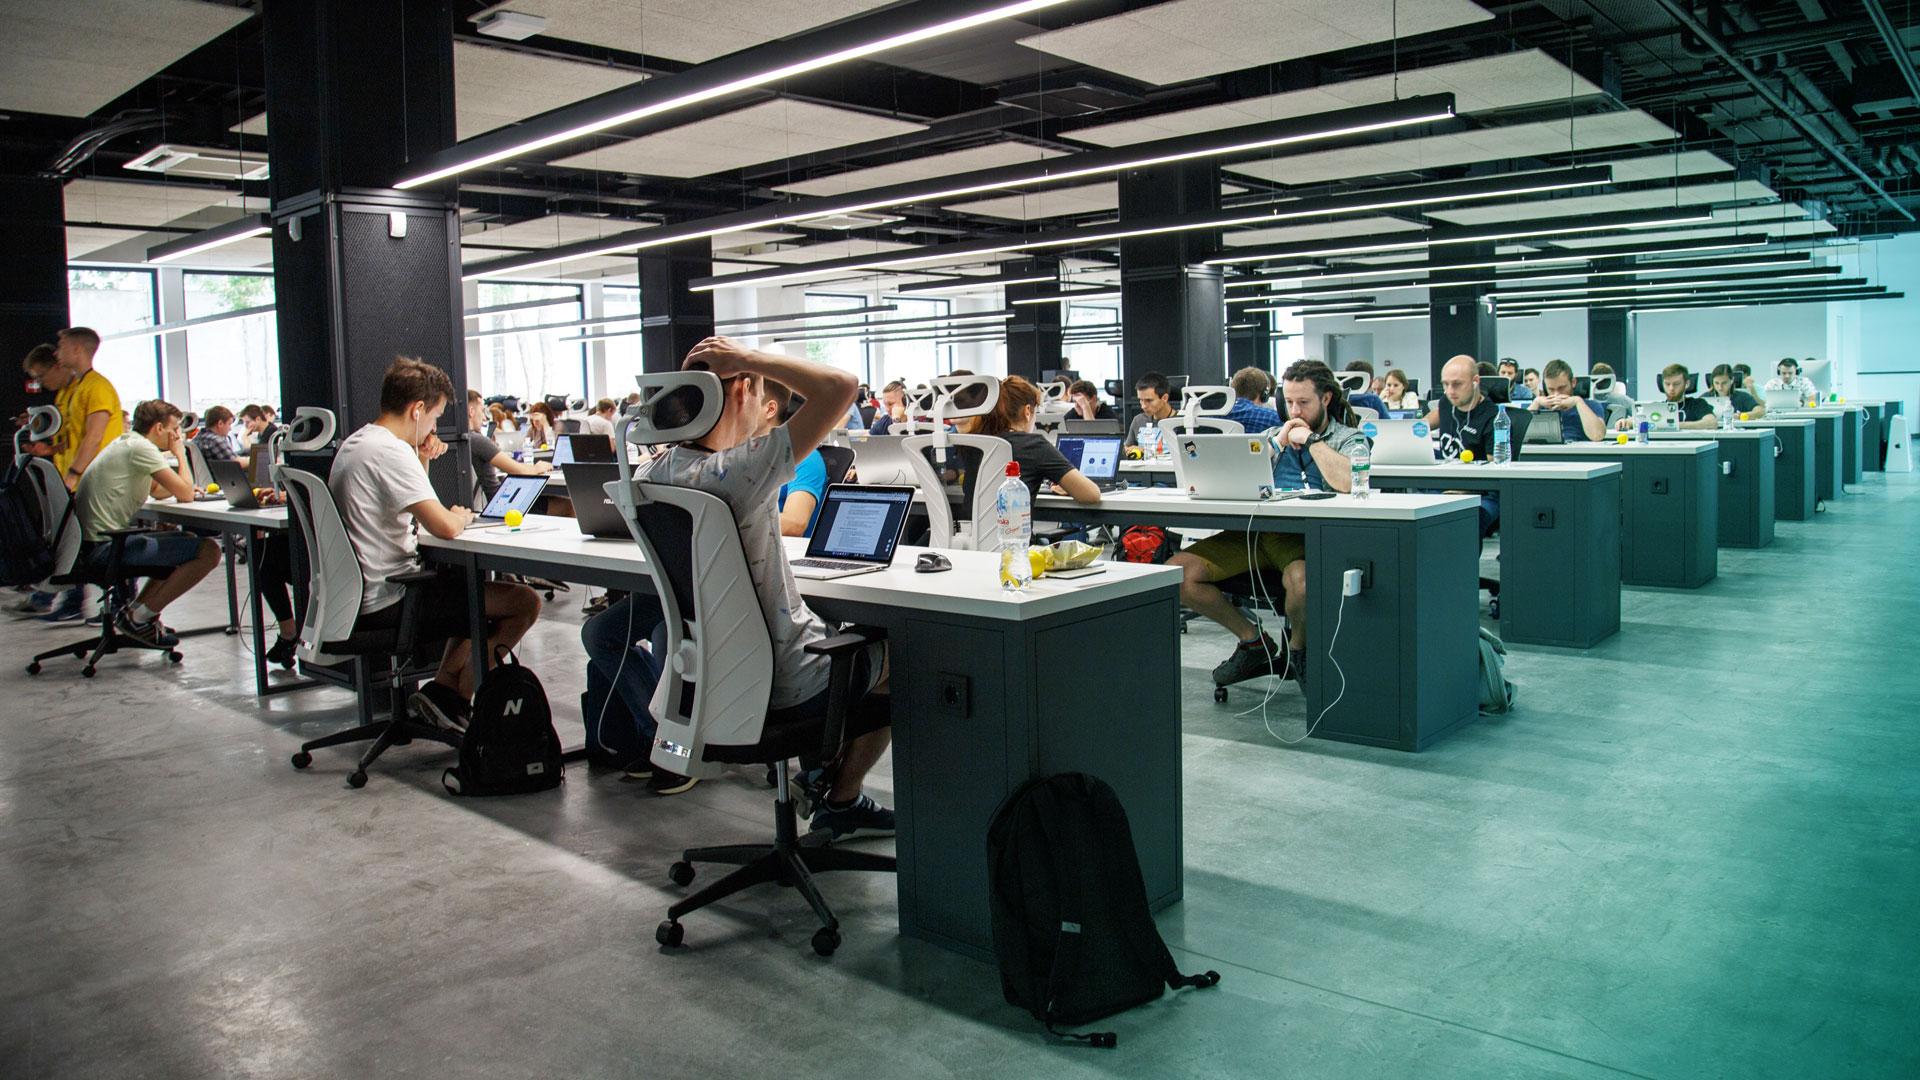 Et rom fylt av mange kontorplasser og mennesker